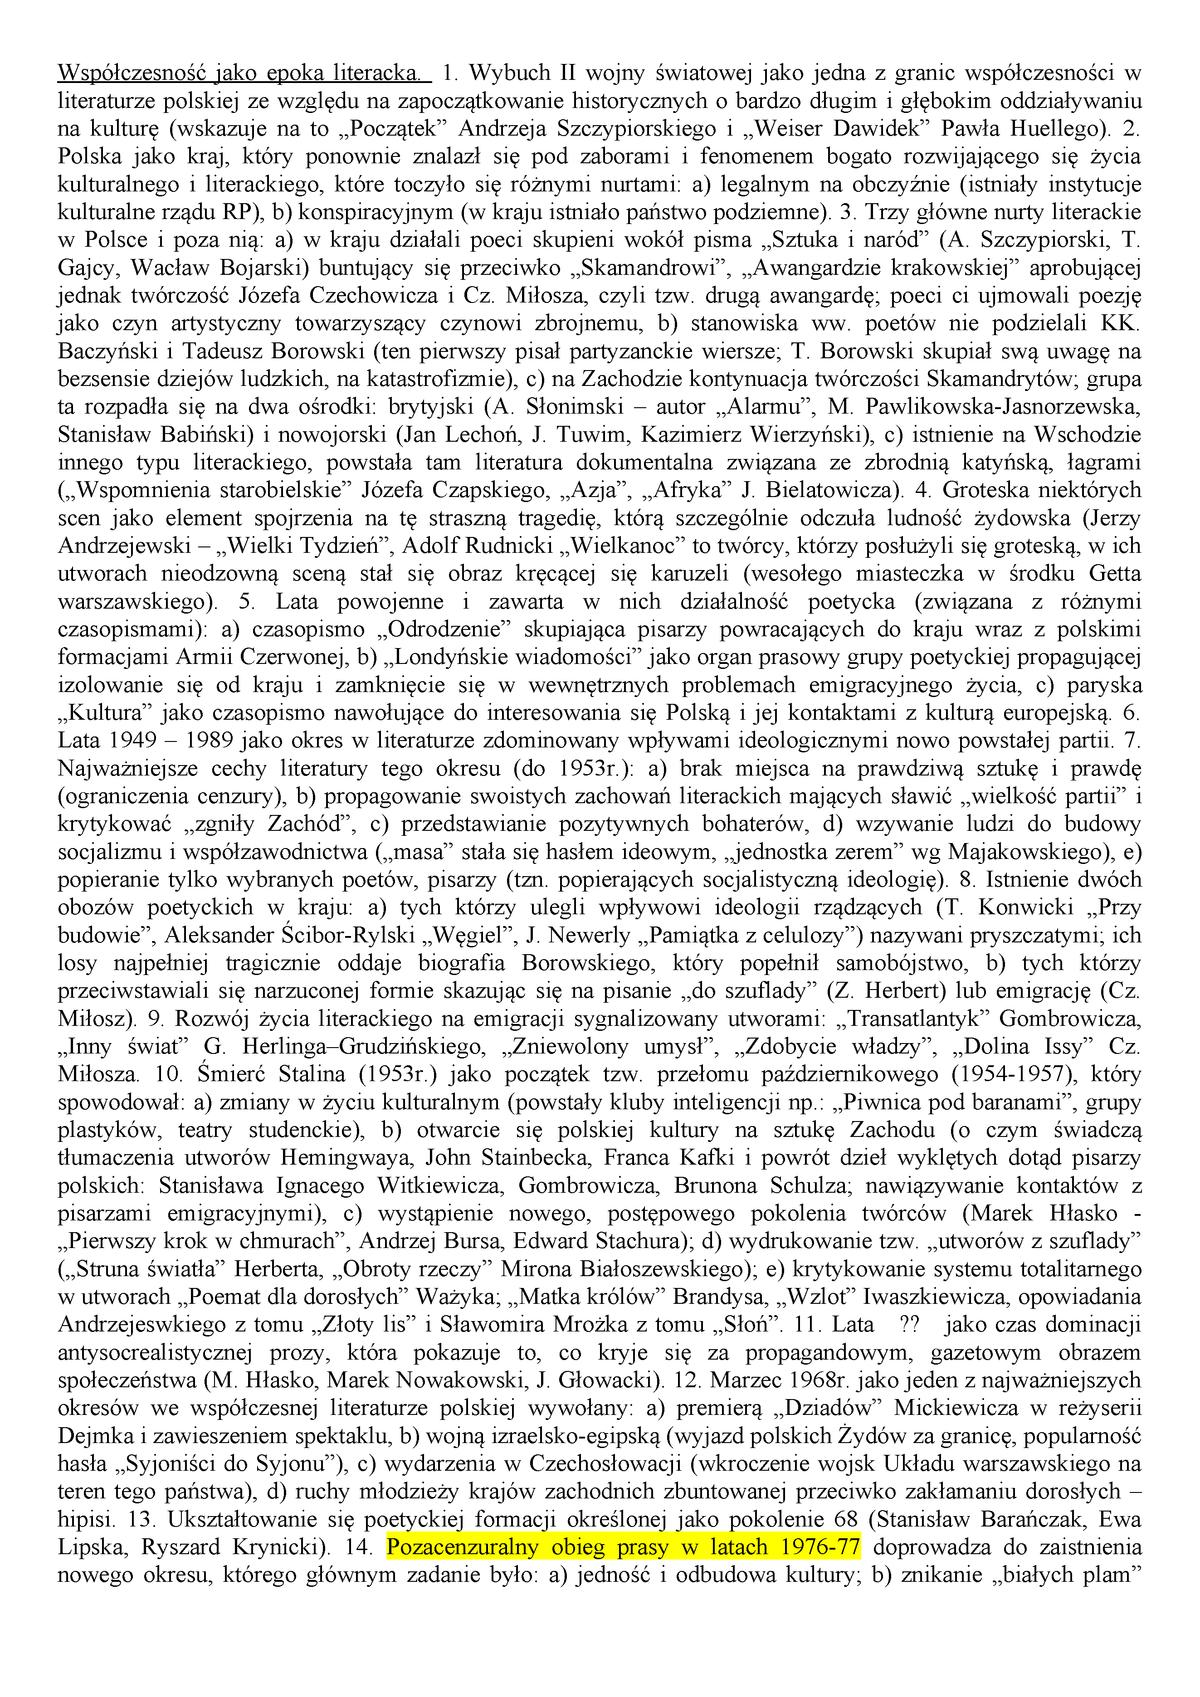 Historia Literatury Współczesnej Uw Filologia Polska Studocu